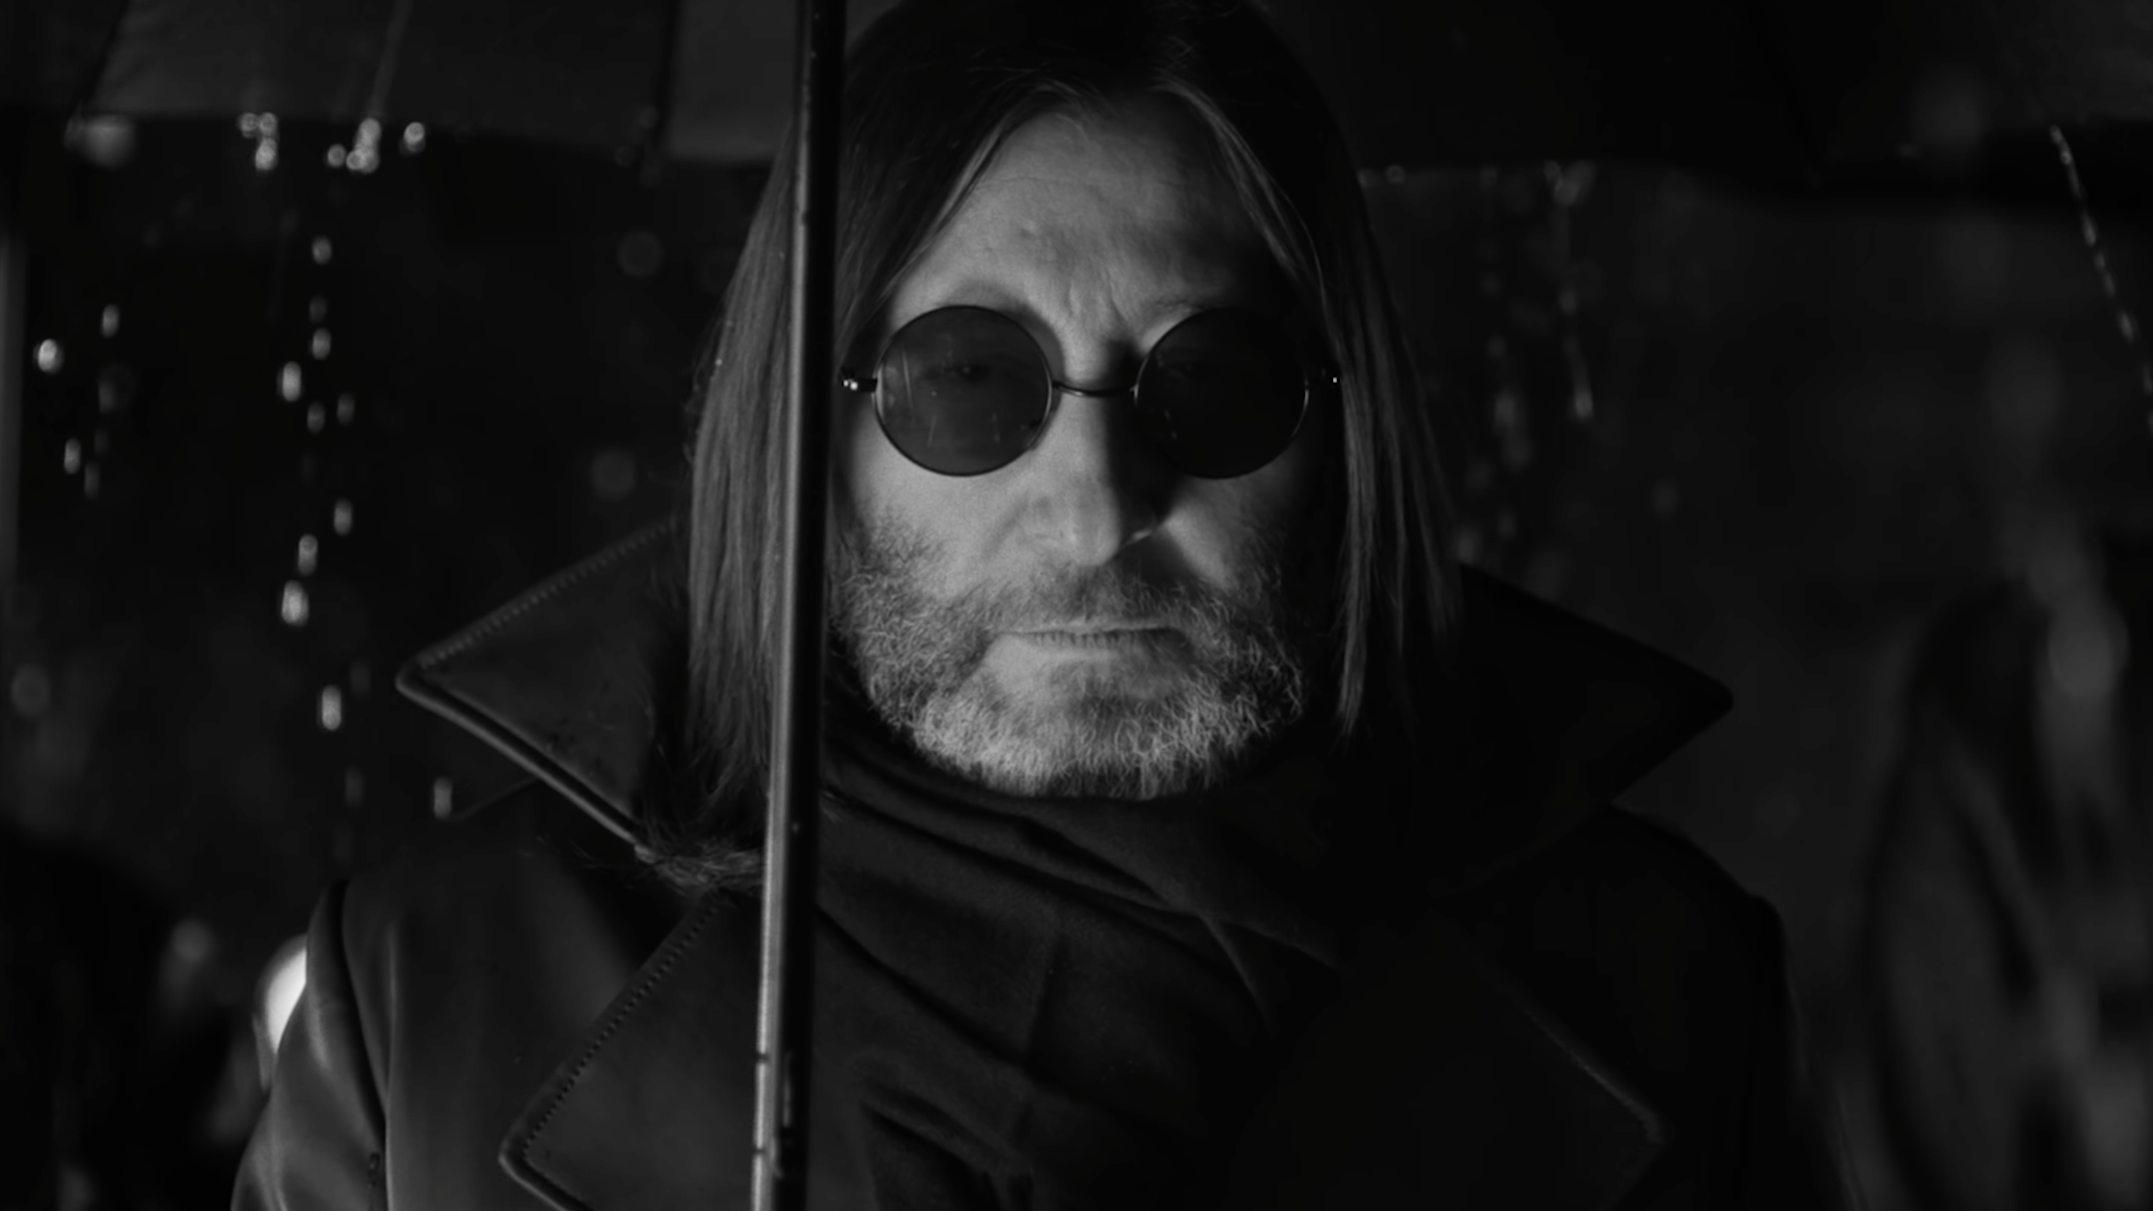 Группа «Би-2» выпустила мрачный клип на трек «Нам не нужен герой»